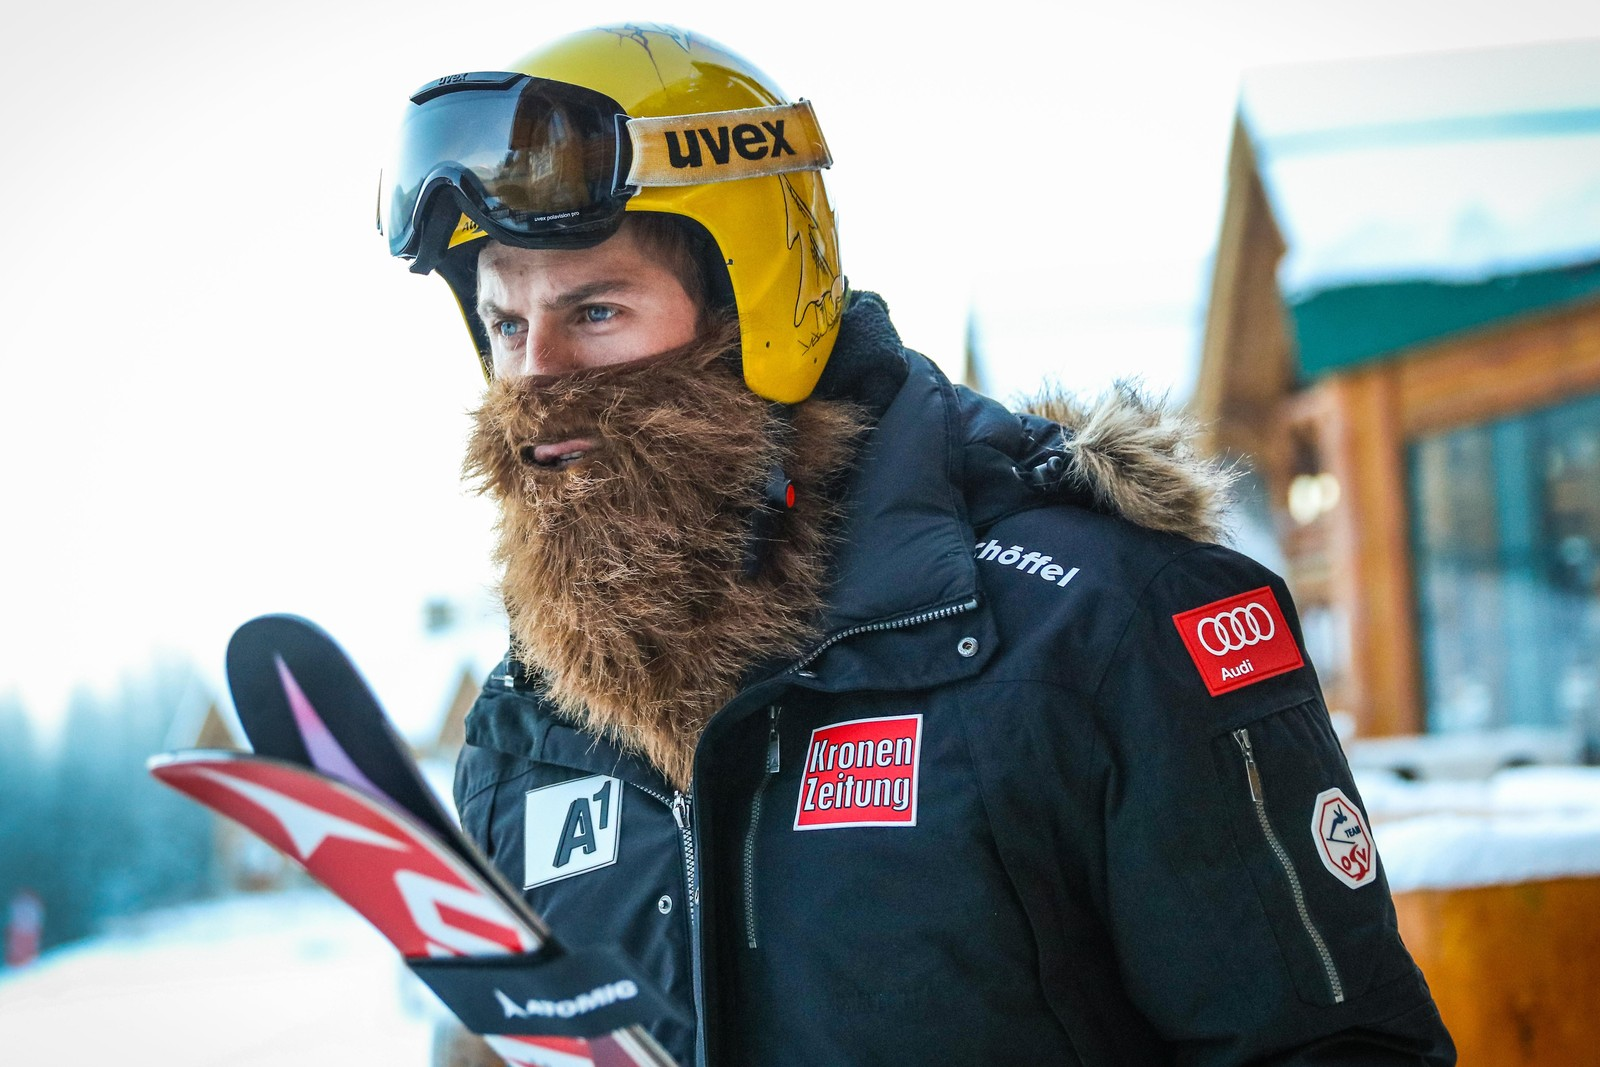 Østerrikske Max Franz på vei til trening i Lake Louise, Canada, med et over snittet fyldig skjegg. Noen skibomser bruker falske skjegg som beskyttelse mot vær og vind.